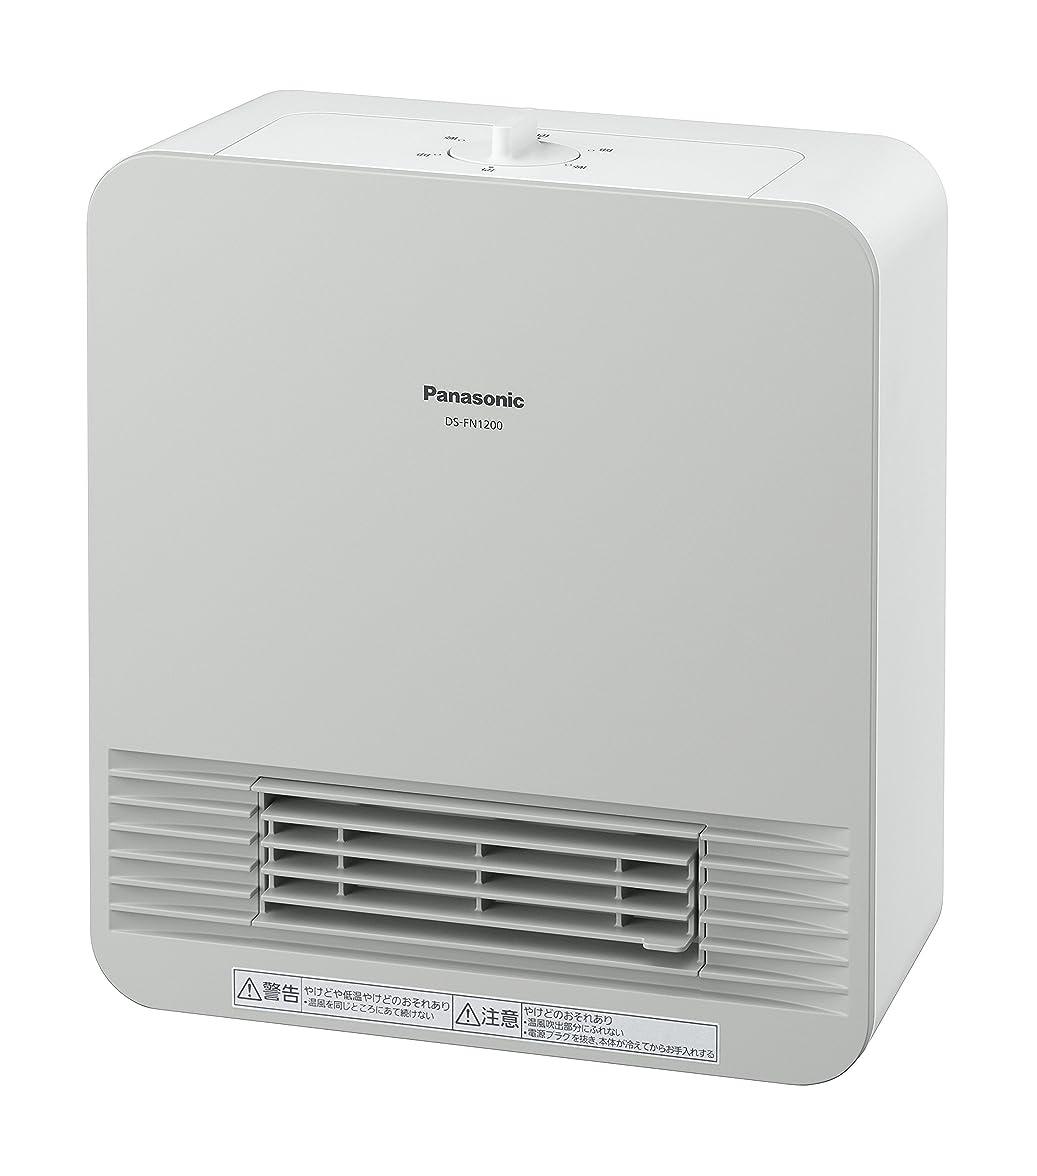 非アクティブ高音マイナーパナソニック セラミックファンヒーター コンパクト ホワイト DS-FN1200-W